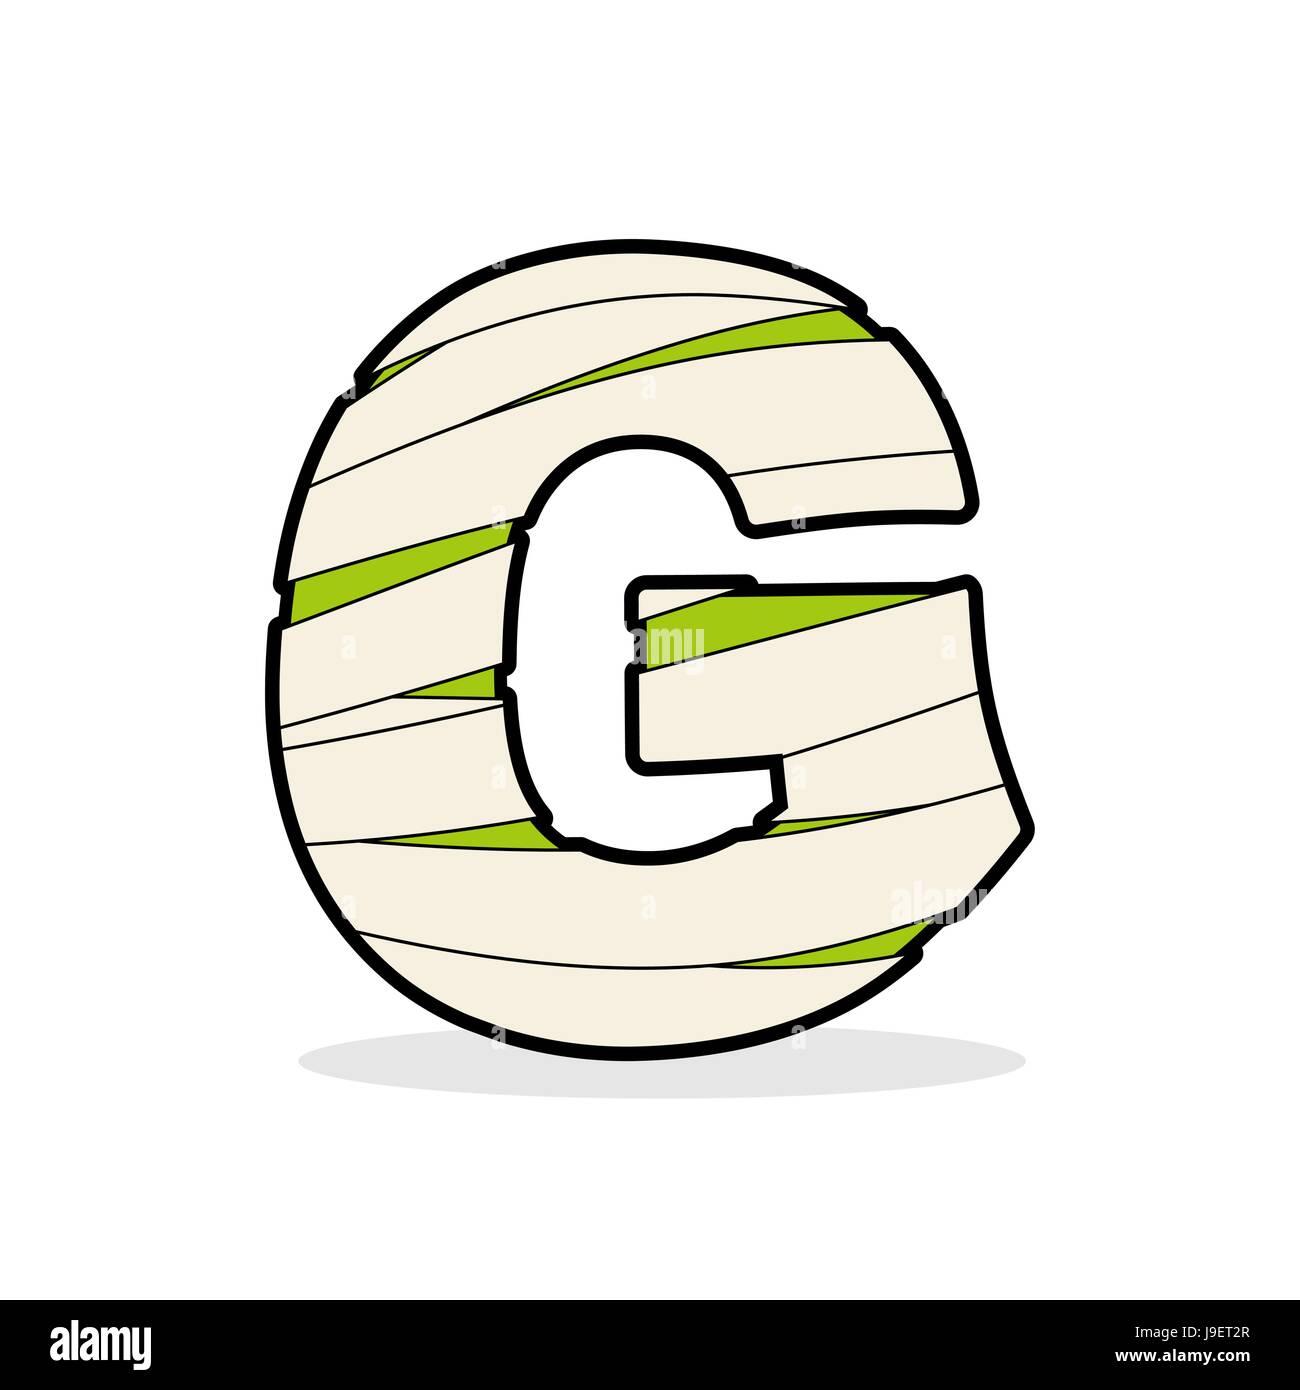 Letter Monster Cartoon Illustration Stock Photos Amp Letter